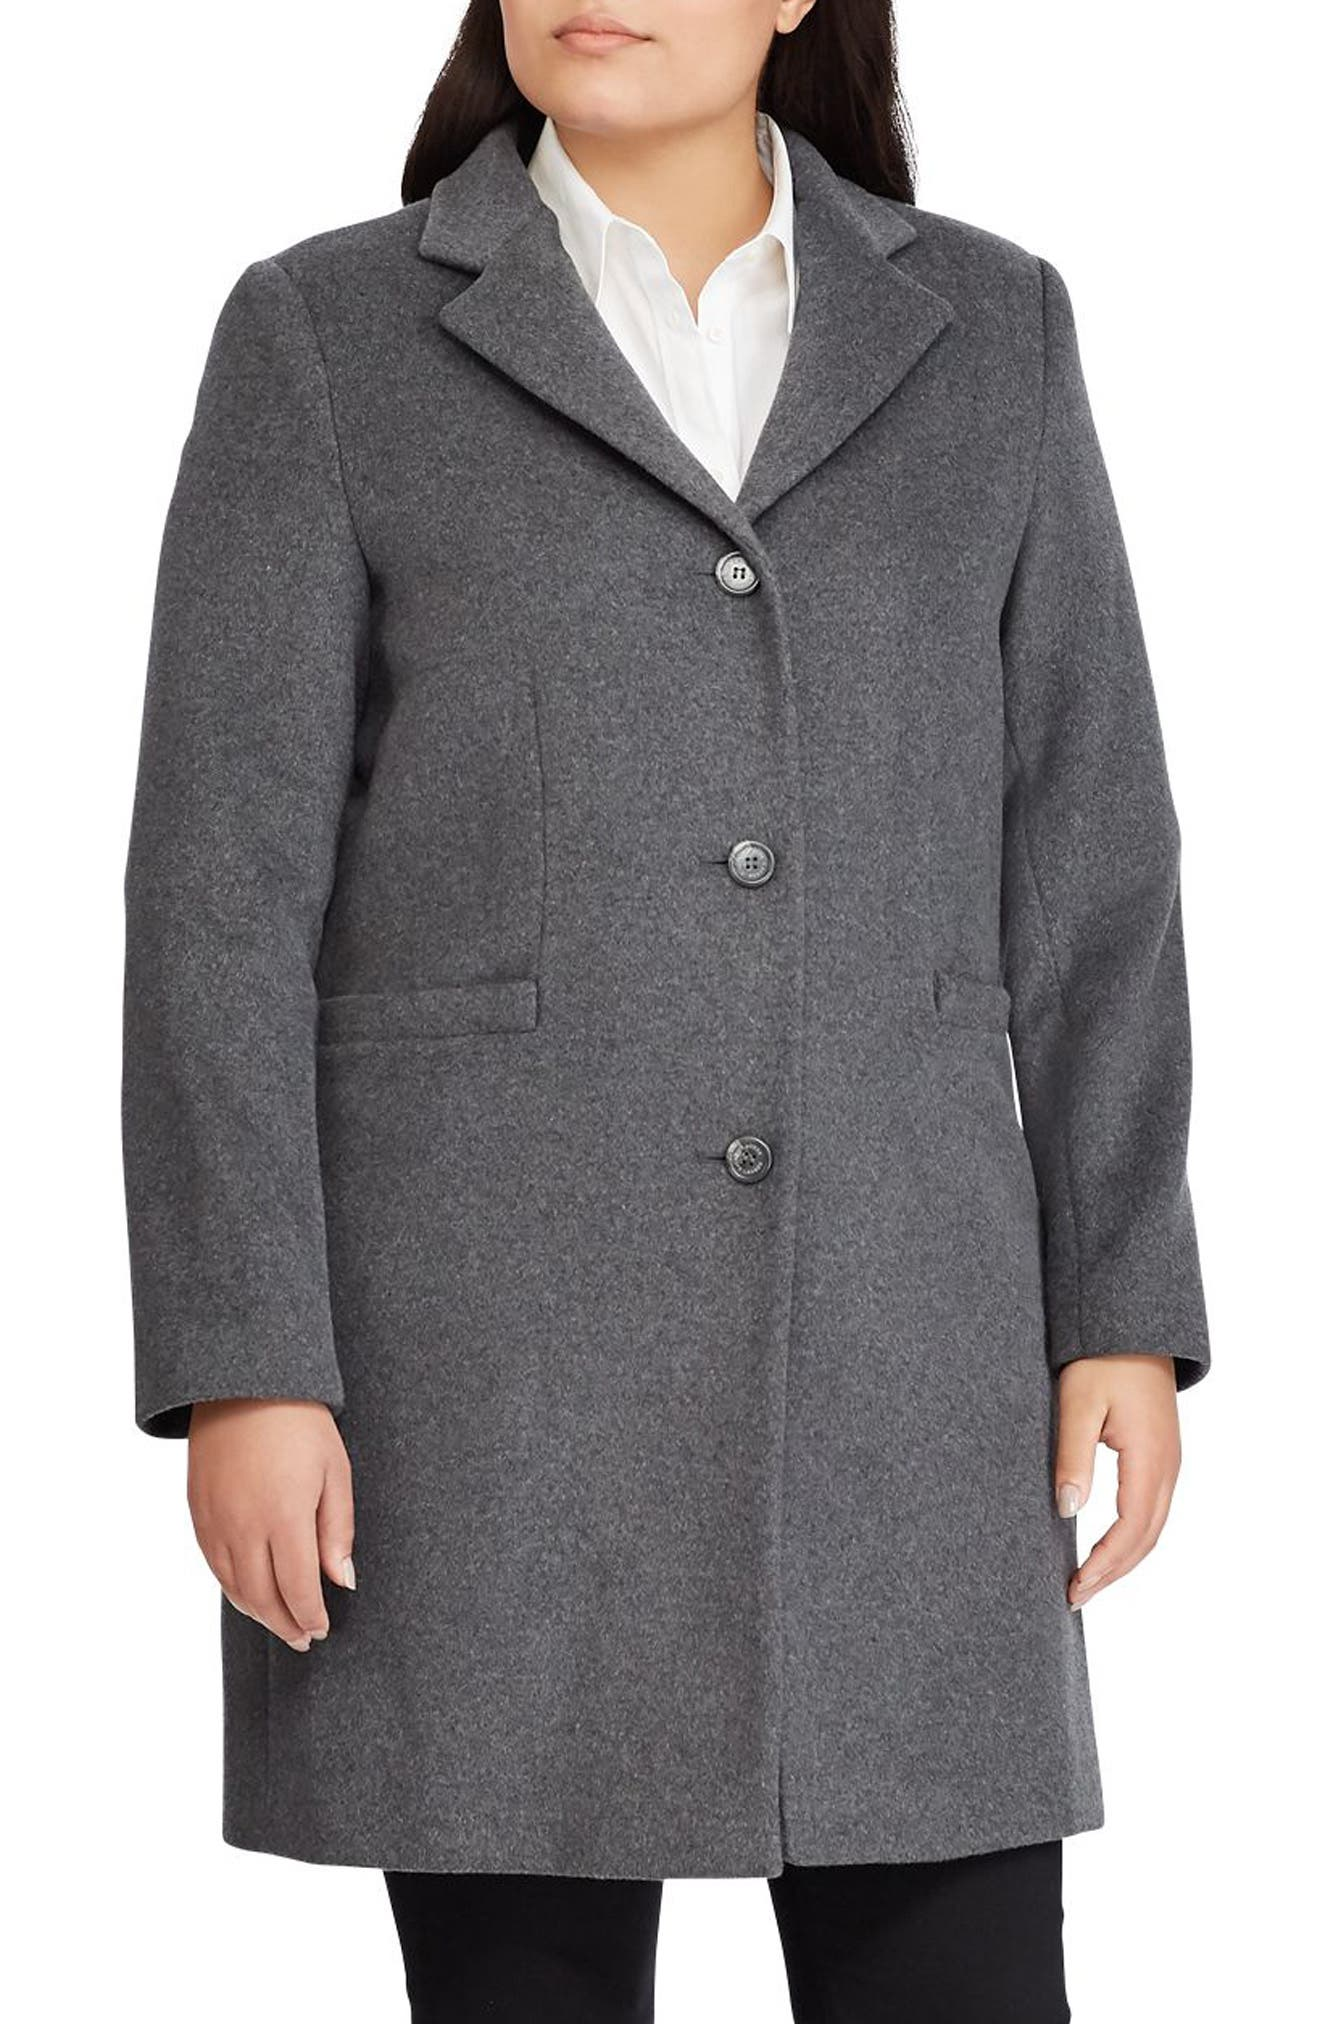 LAUREN RALPH LAUREN Wool Blend Reefer Coat, Main, color, 026